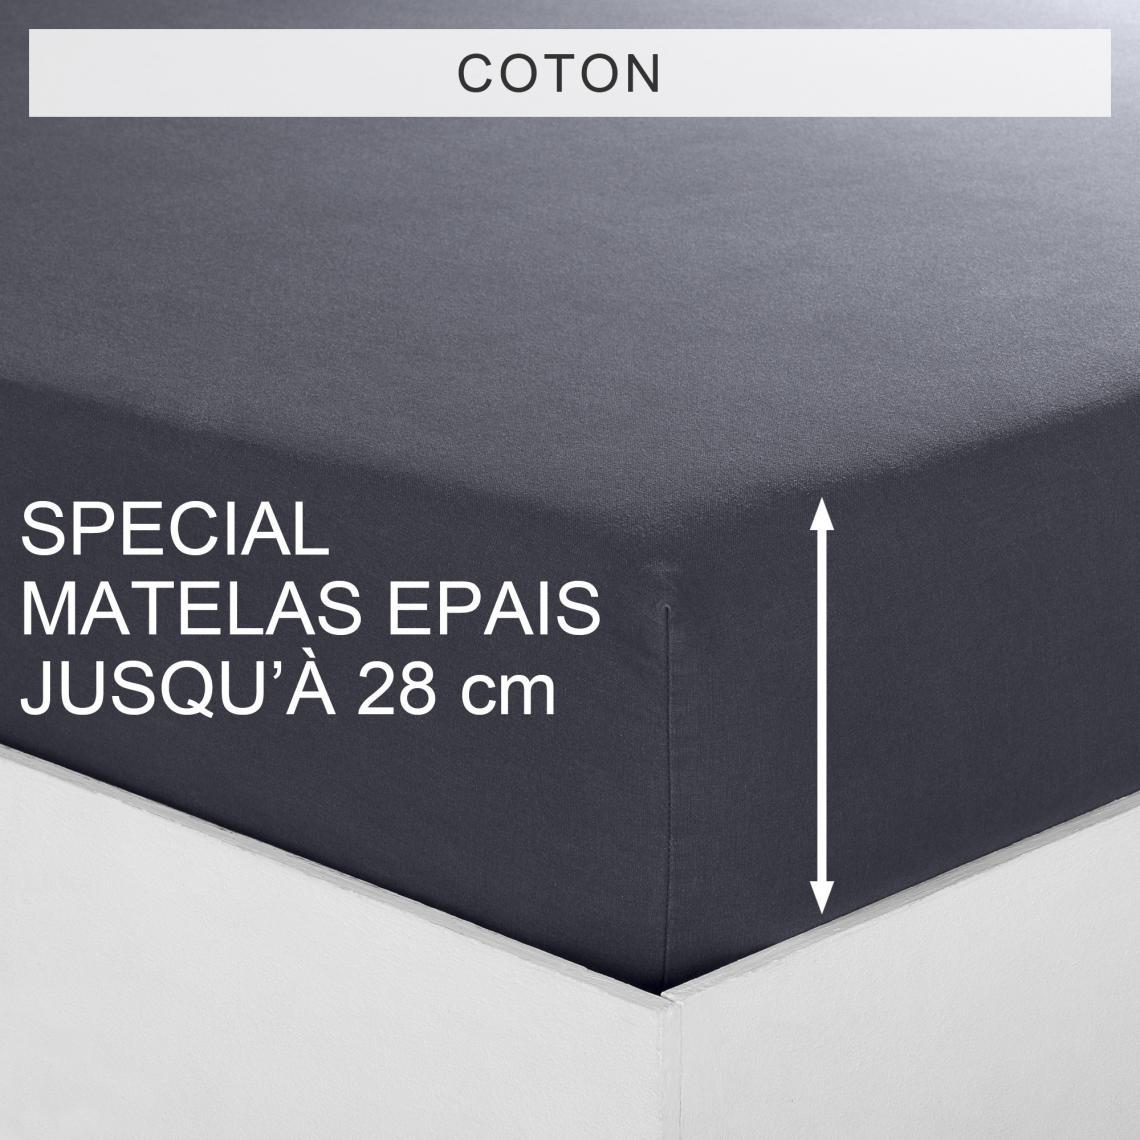 Drap-housse uni spécial matelas épais coton